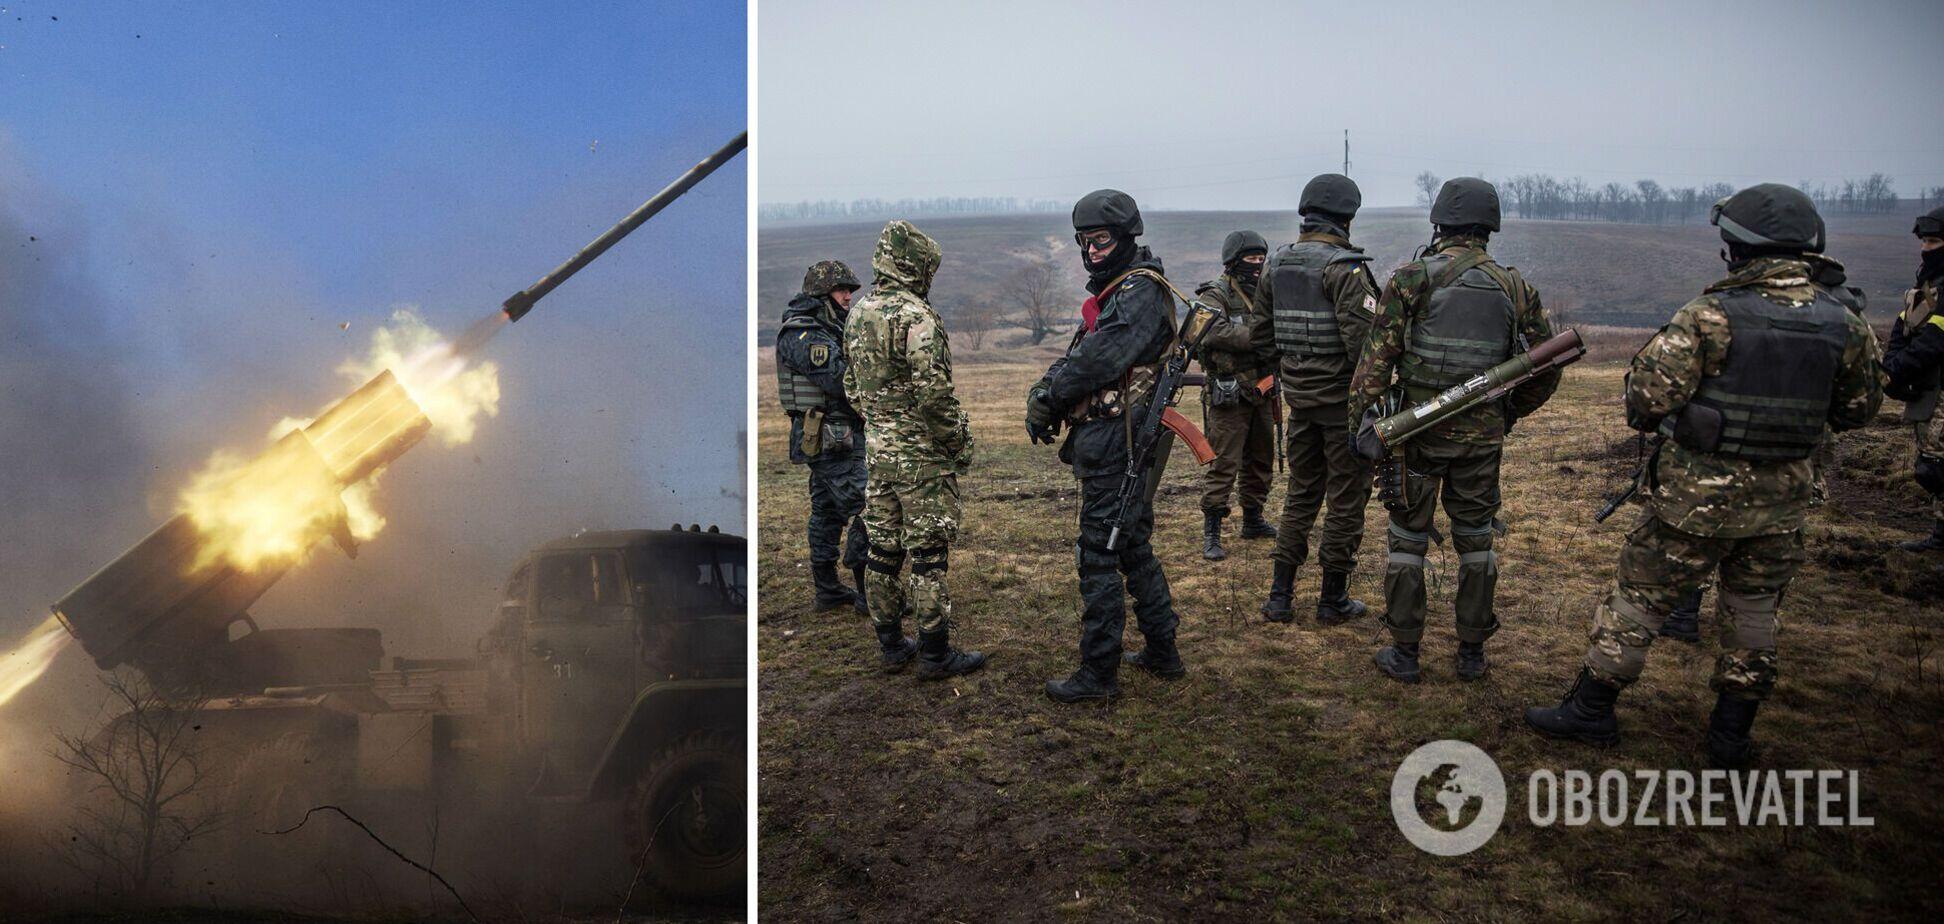 Донецк и Луганск были бы разрушены до основания: Селезнев объяснил, почему ВСУ не пойдут на масштабное наступление